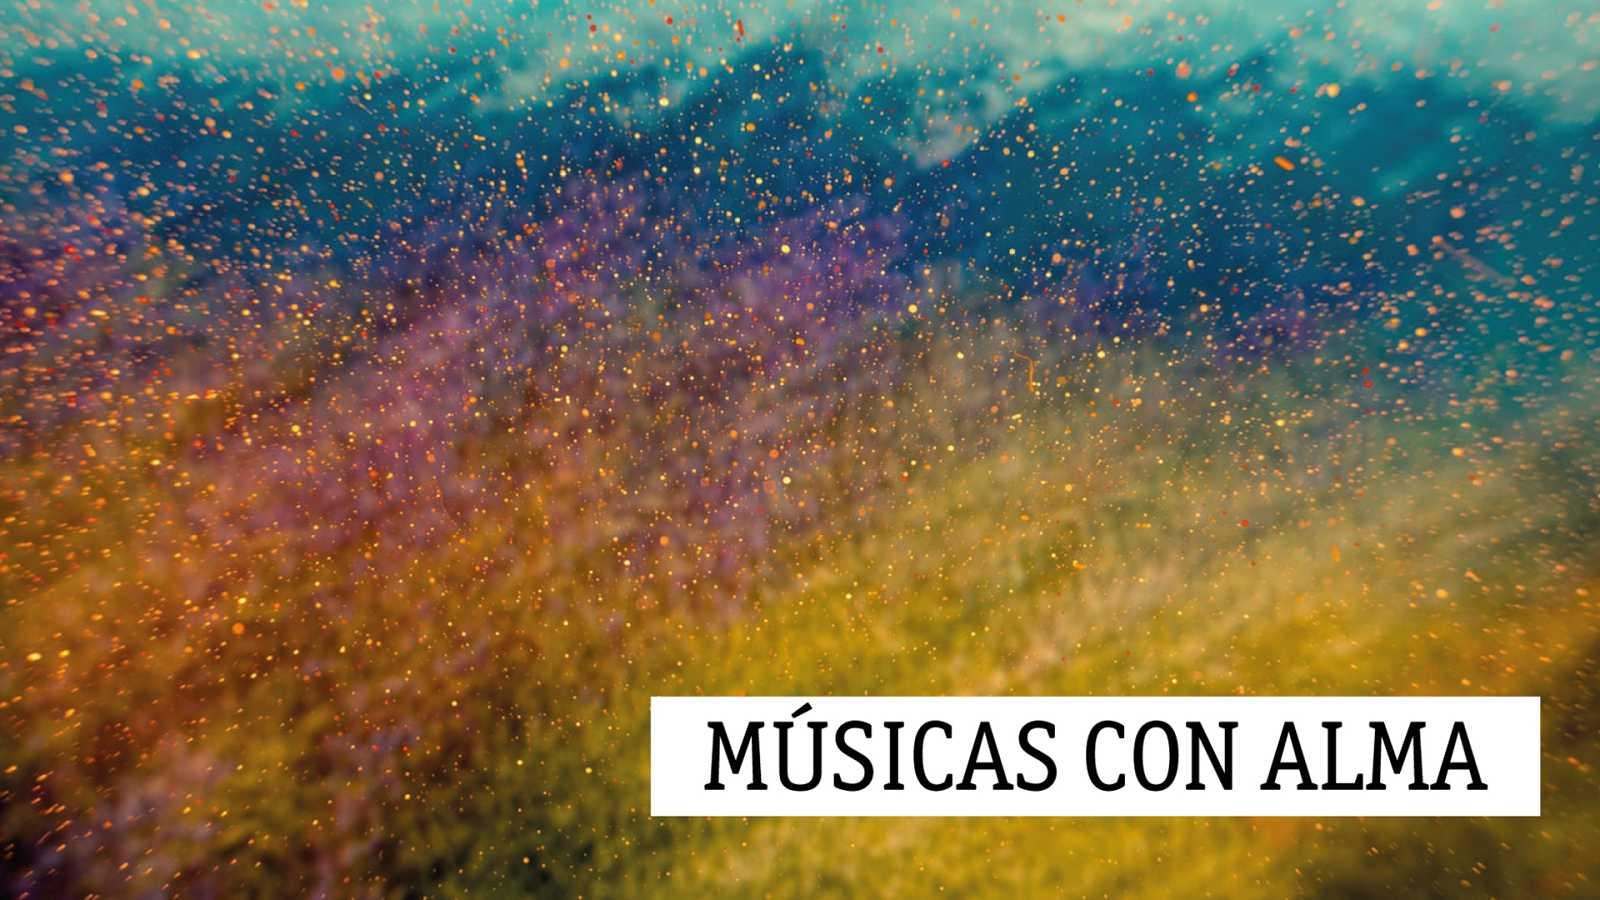 Músicas con alma - La cabaña - 29/05/20 - escuchar ahora